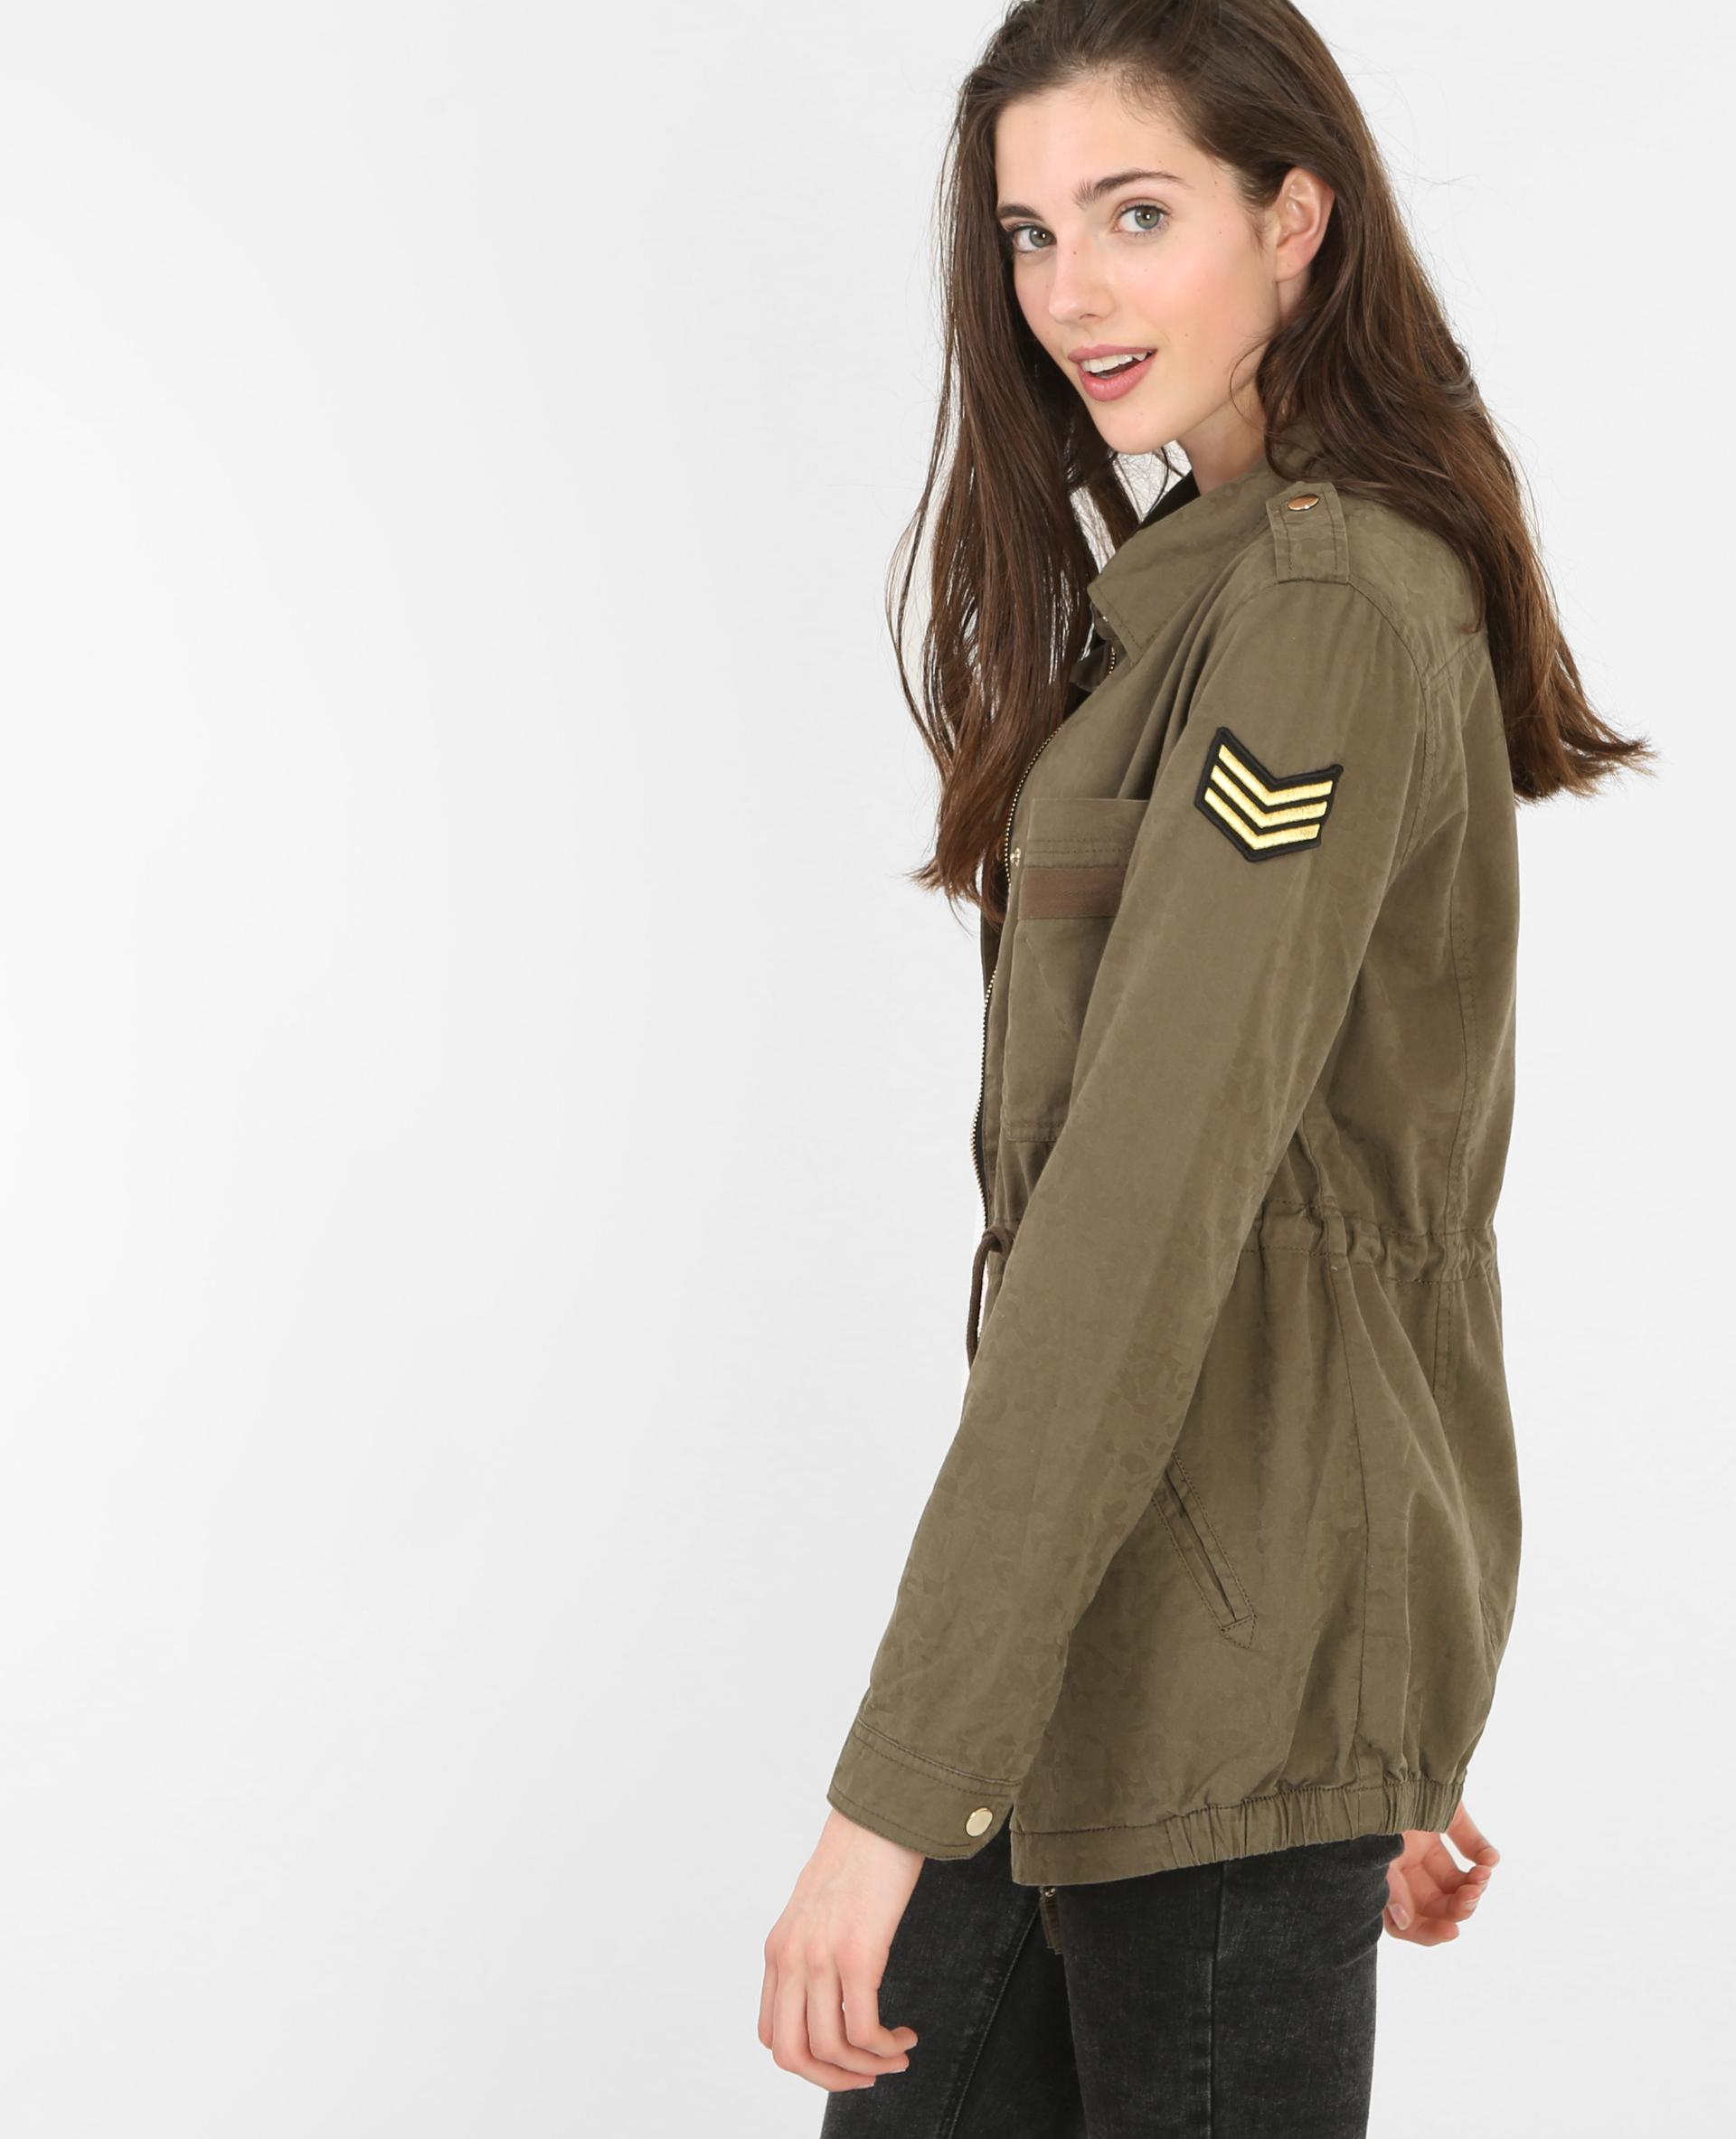 Veste militaire femme pimkie